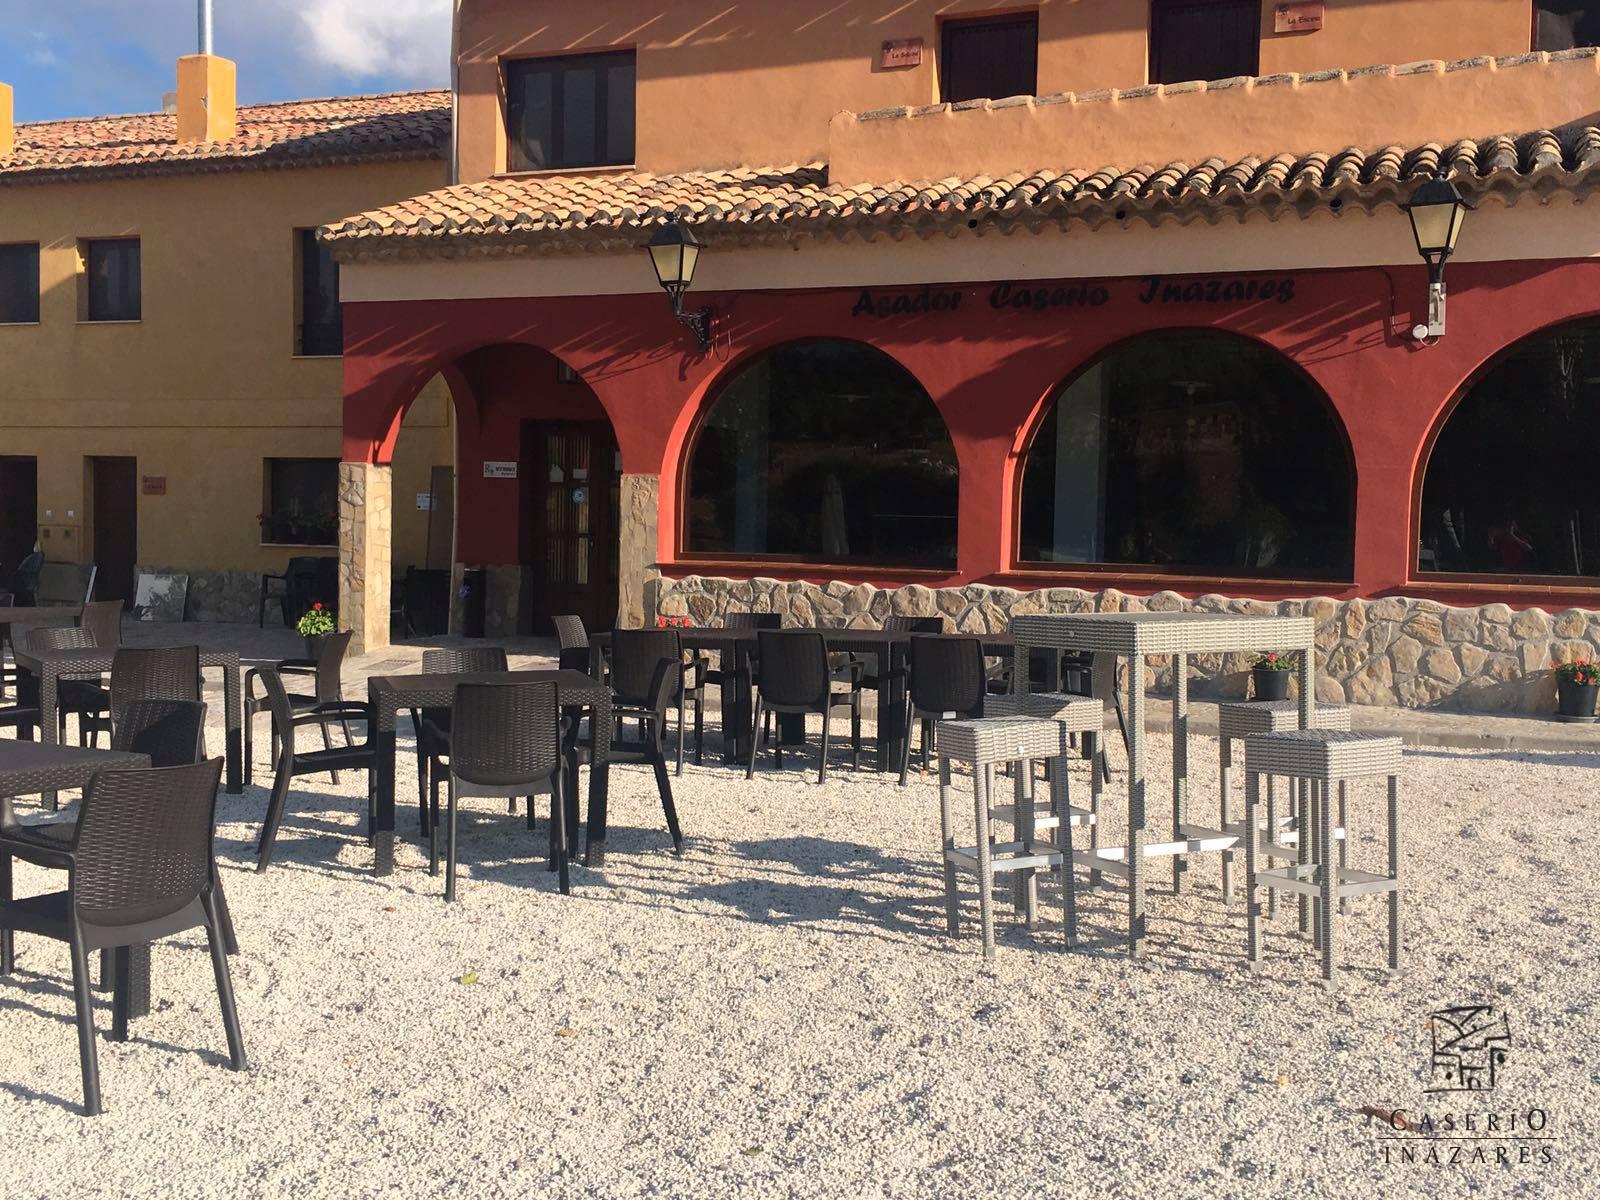 Plaza Inazares